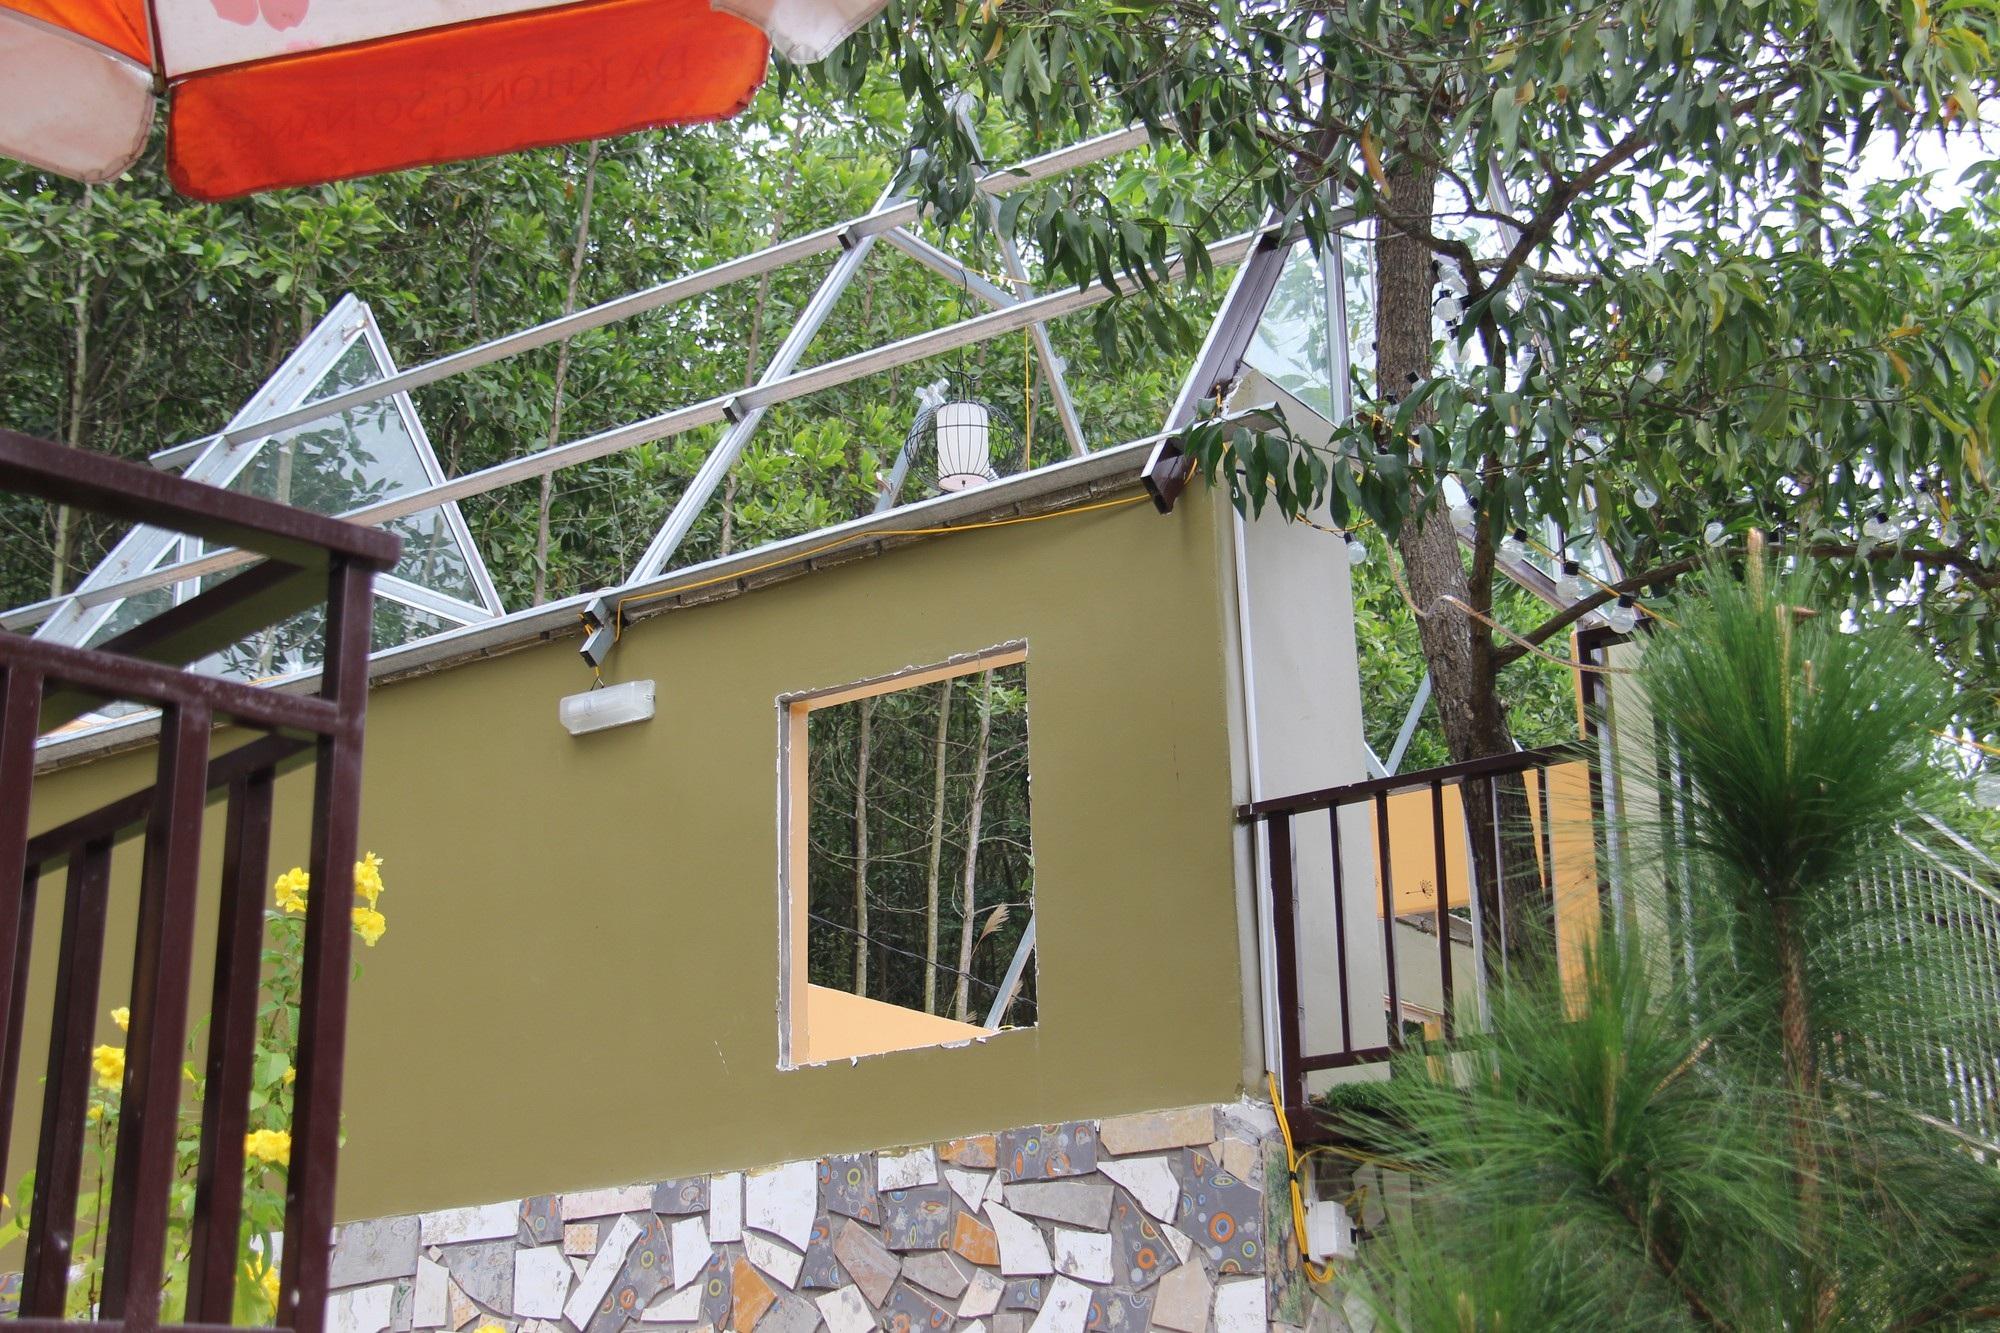 Đã tháo dỡ phần lớn các công trình tại khu du lịch chui trên đất rừng - Ảnh 2.